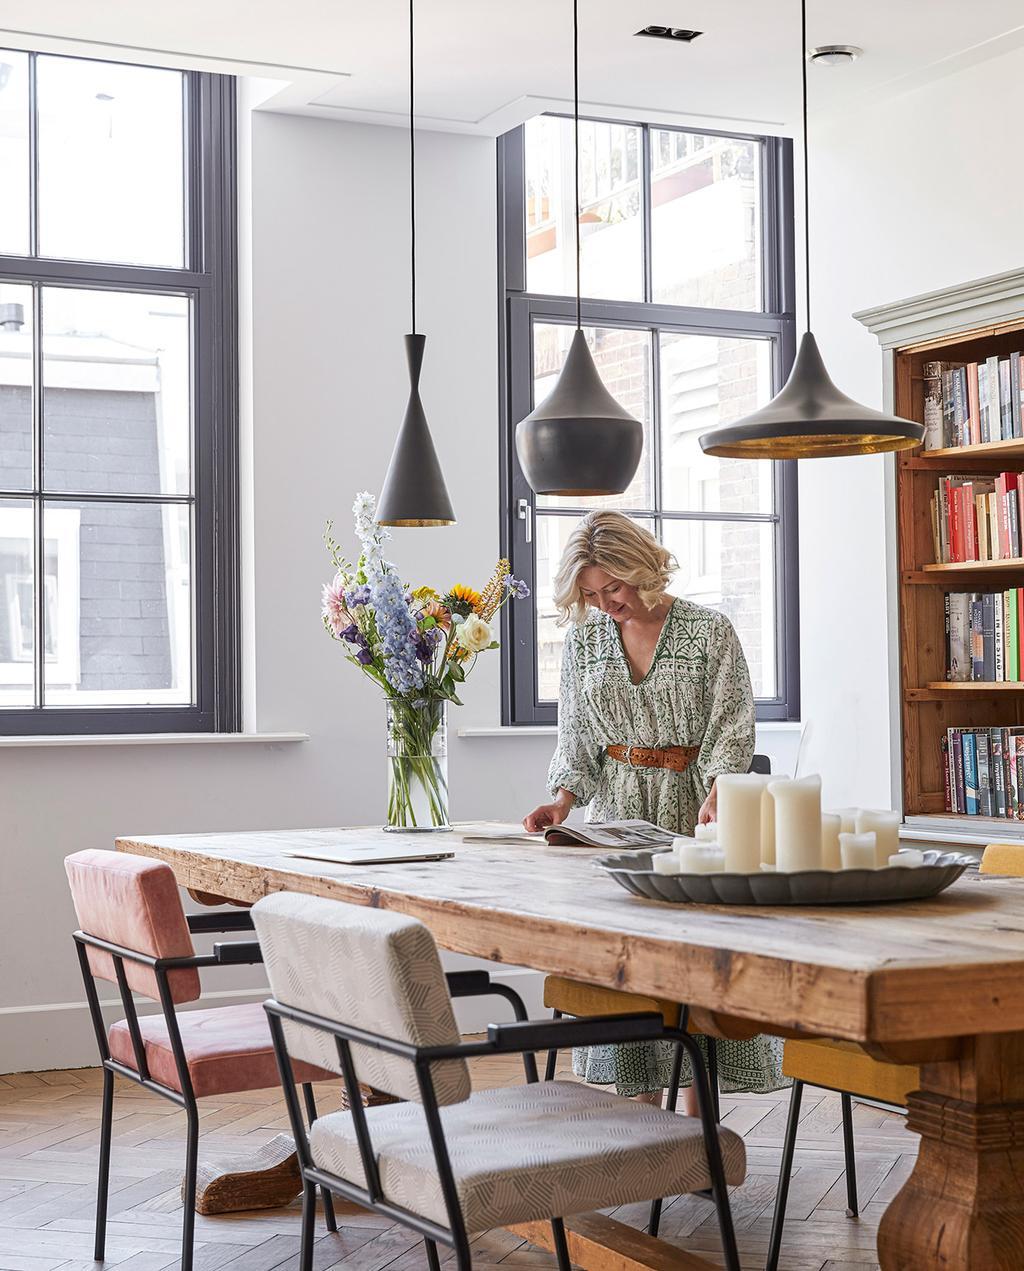 vtwonen 02-2021 | binnenkijken bij Martine eettafel met kaarsen en bloemen, Martine op de achtergrond